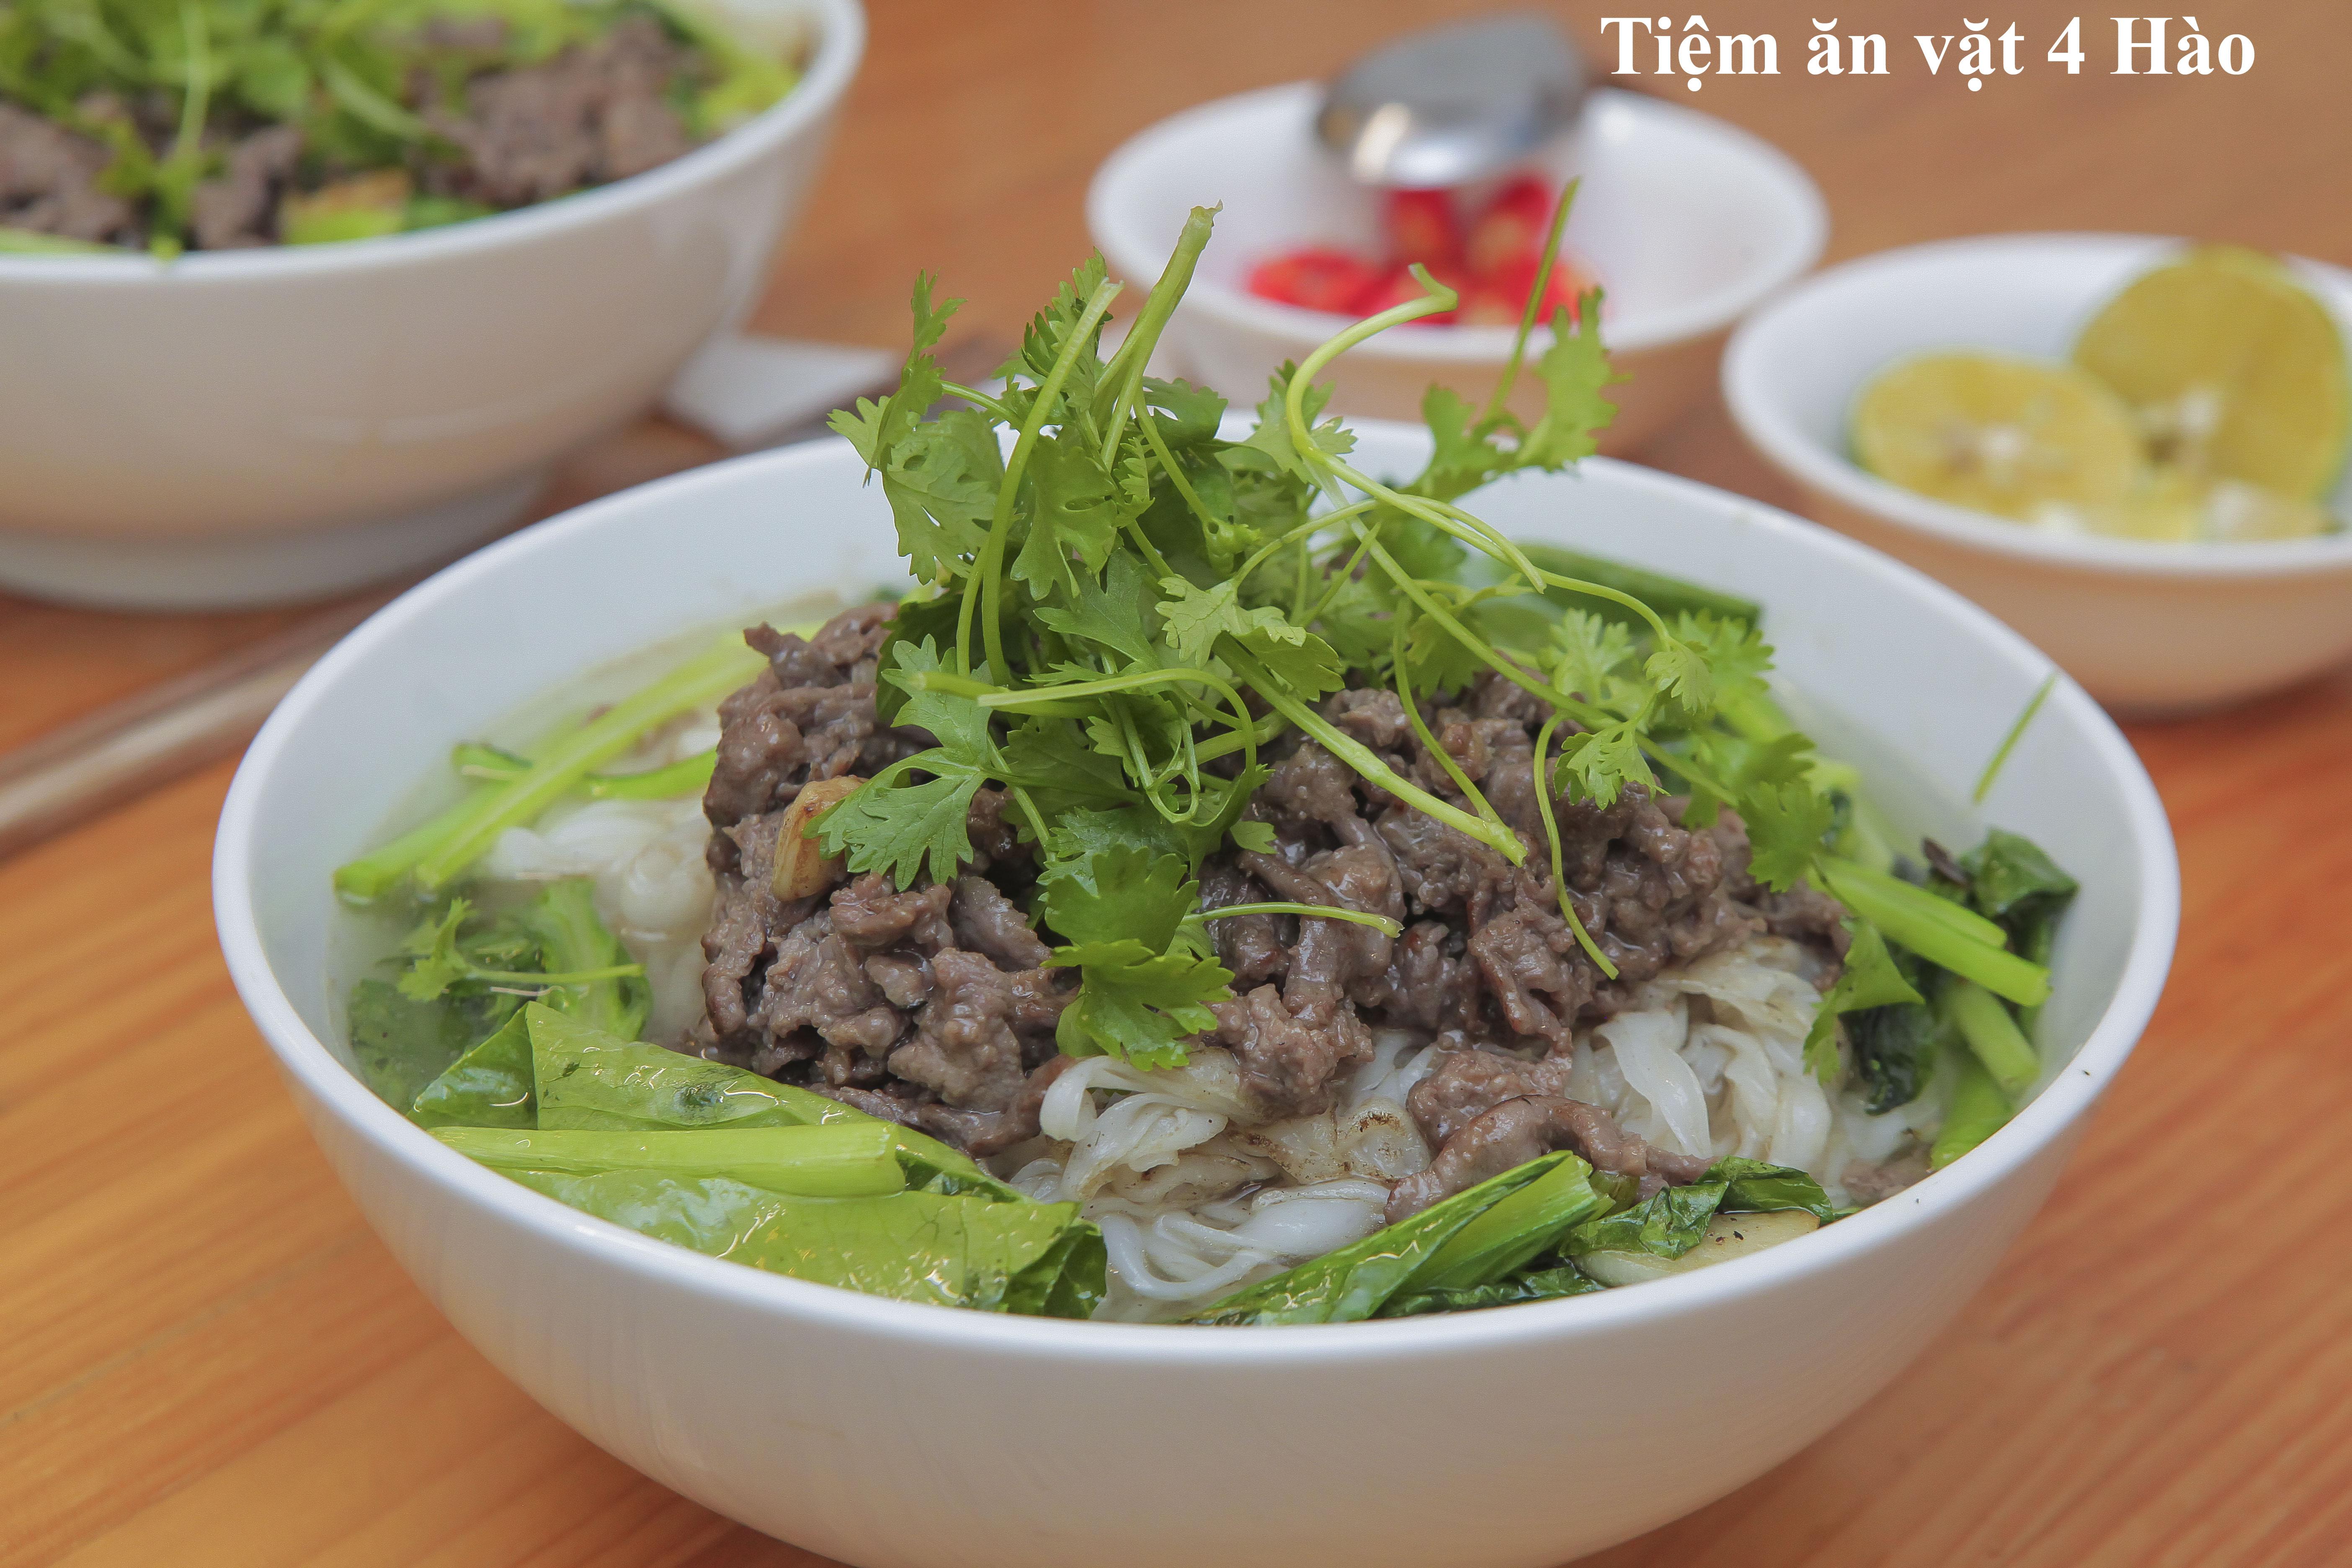 Phở và bún bò Nam Bộ: 2món ngon nức tiếng được CNN khuyên nên thử khi đến Việt Nam - Ảnh 1.